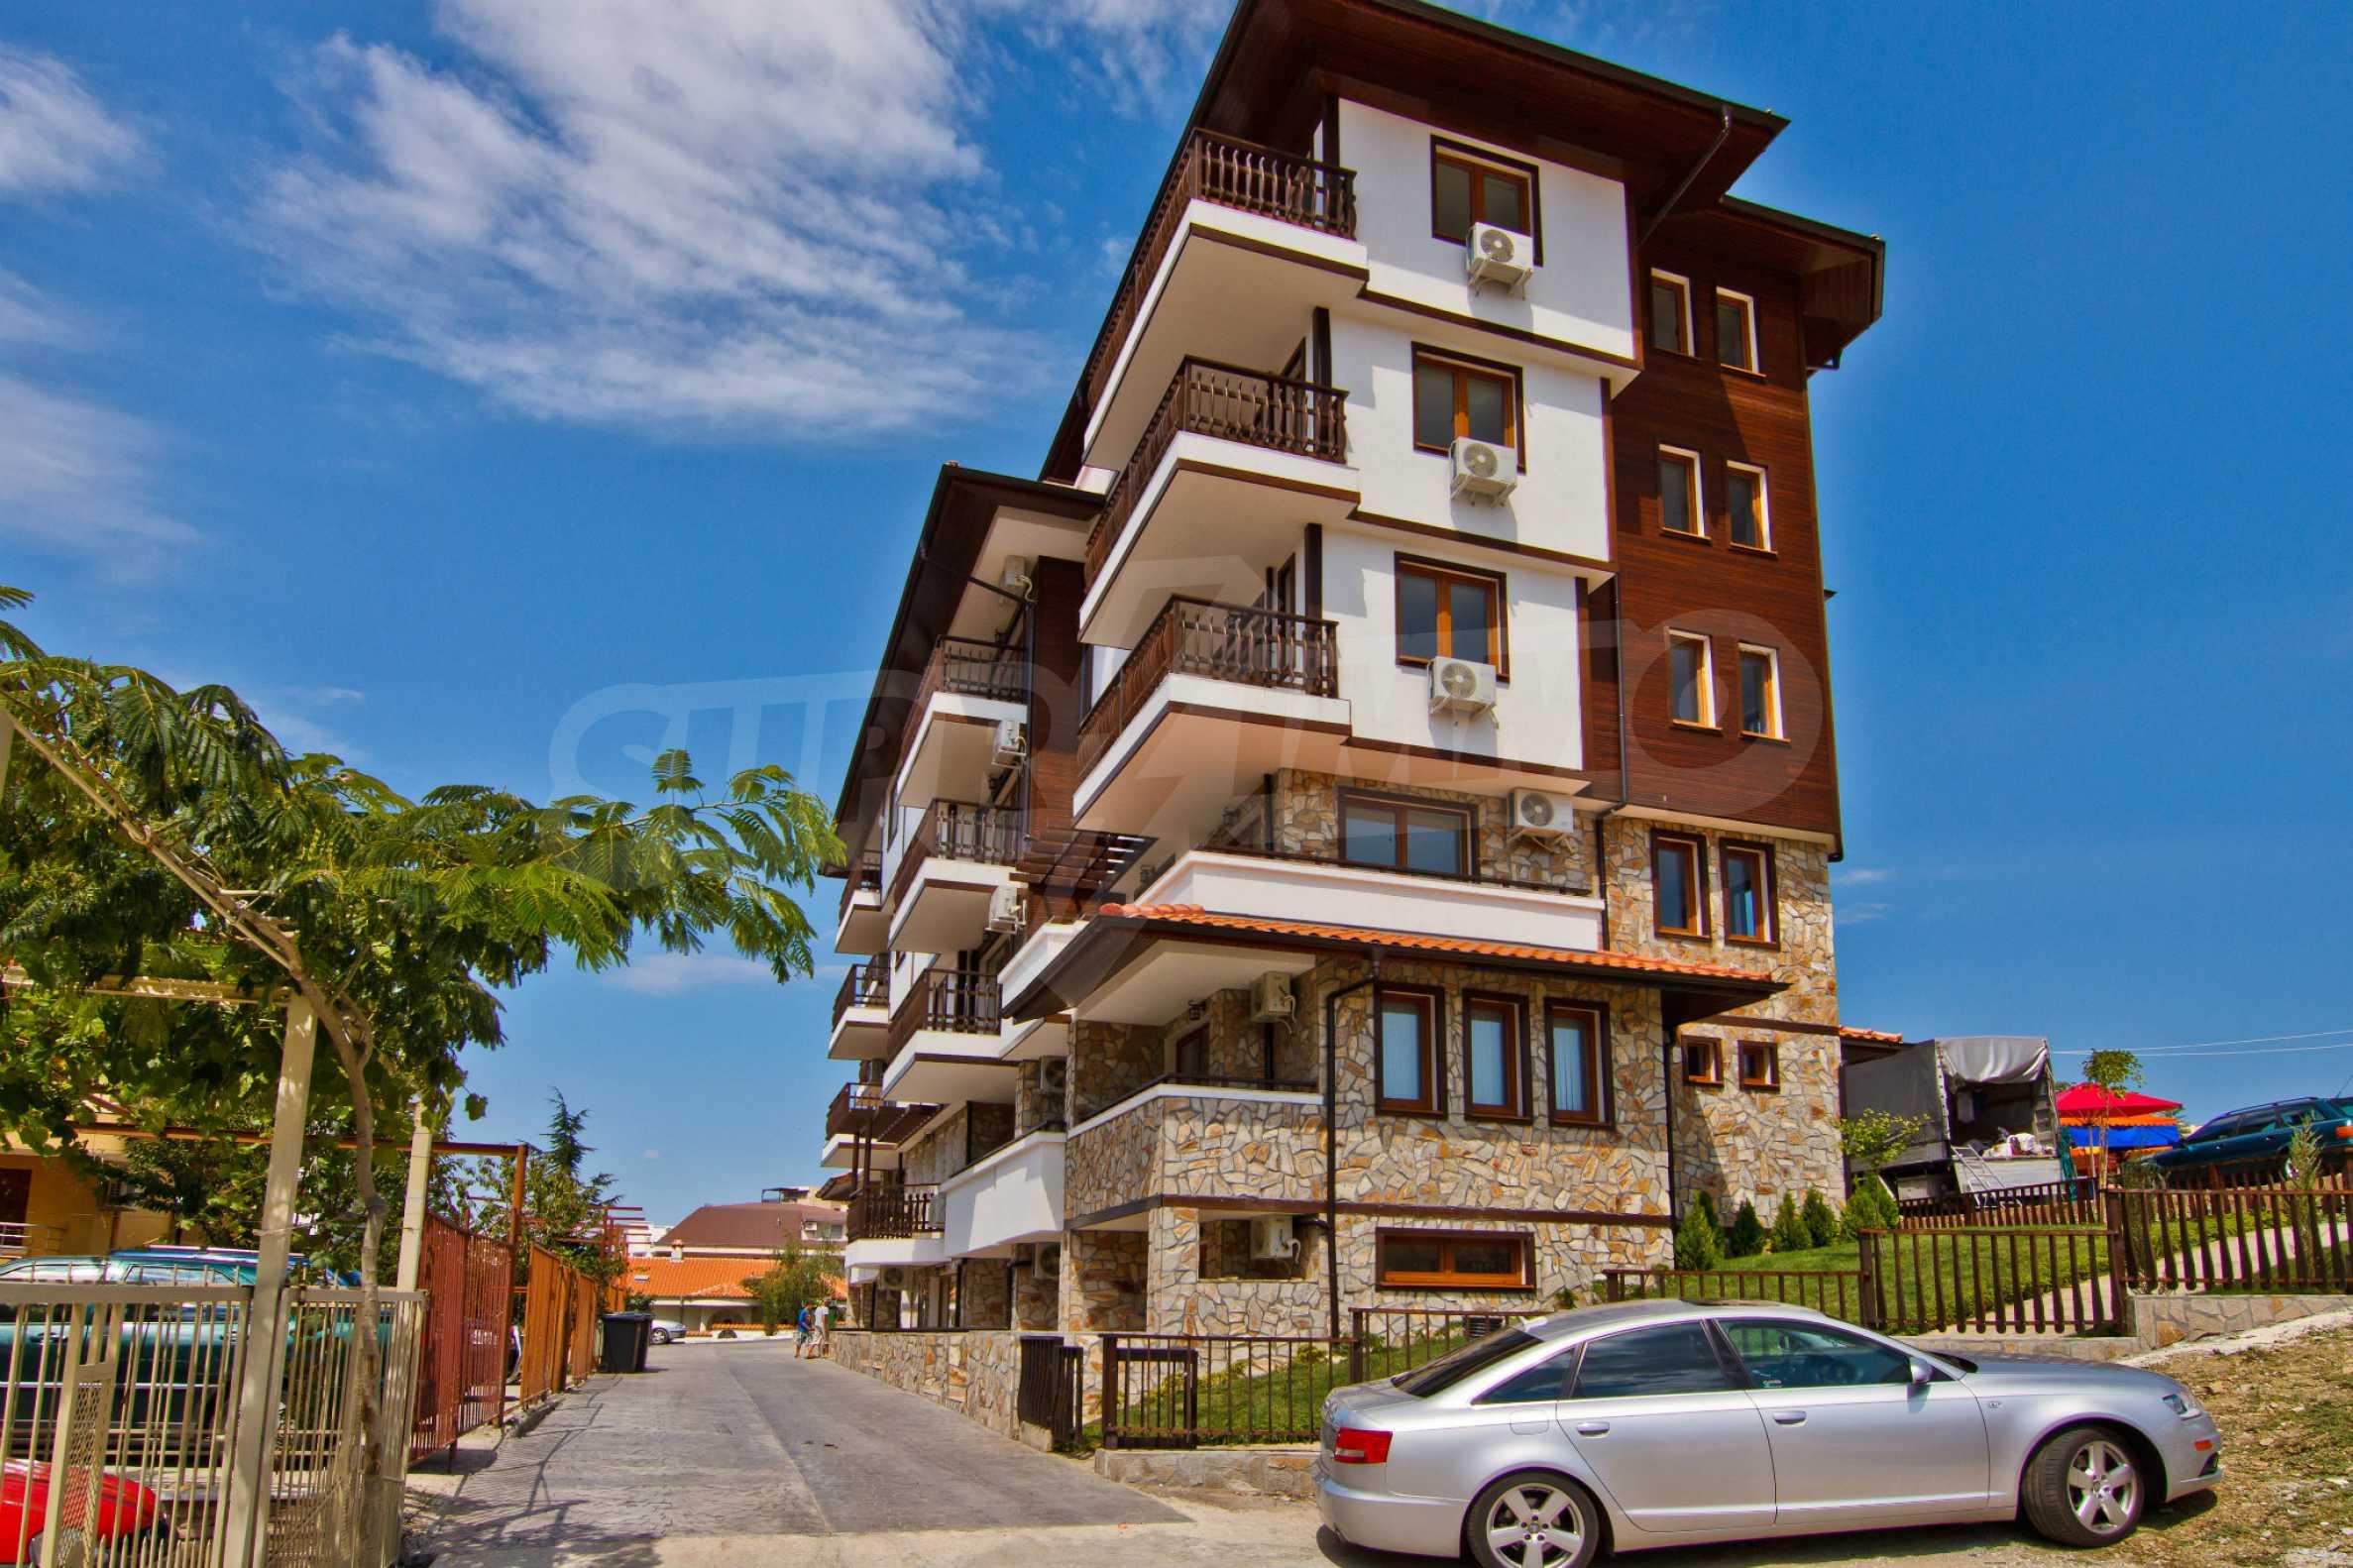 Exquisite Apartments in einer Ferienanlage in der Nähe von Central Beach 7